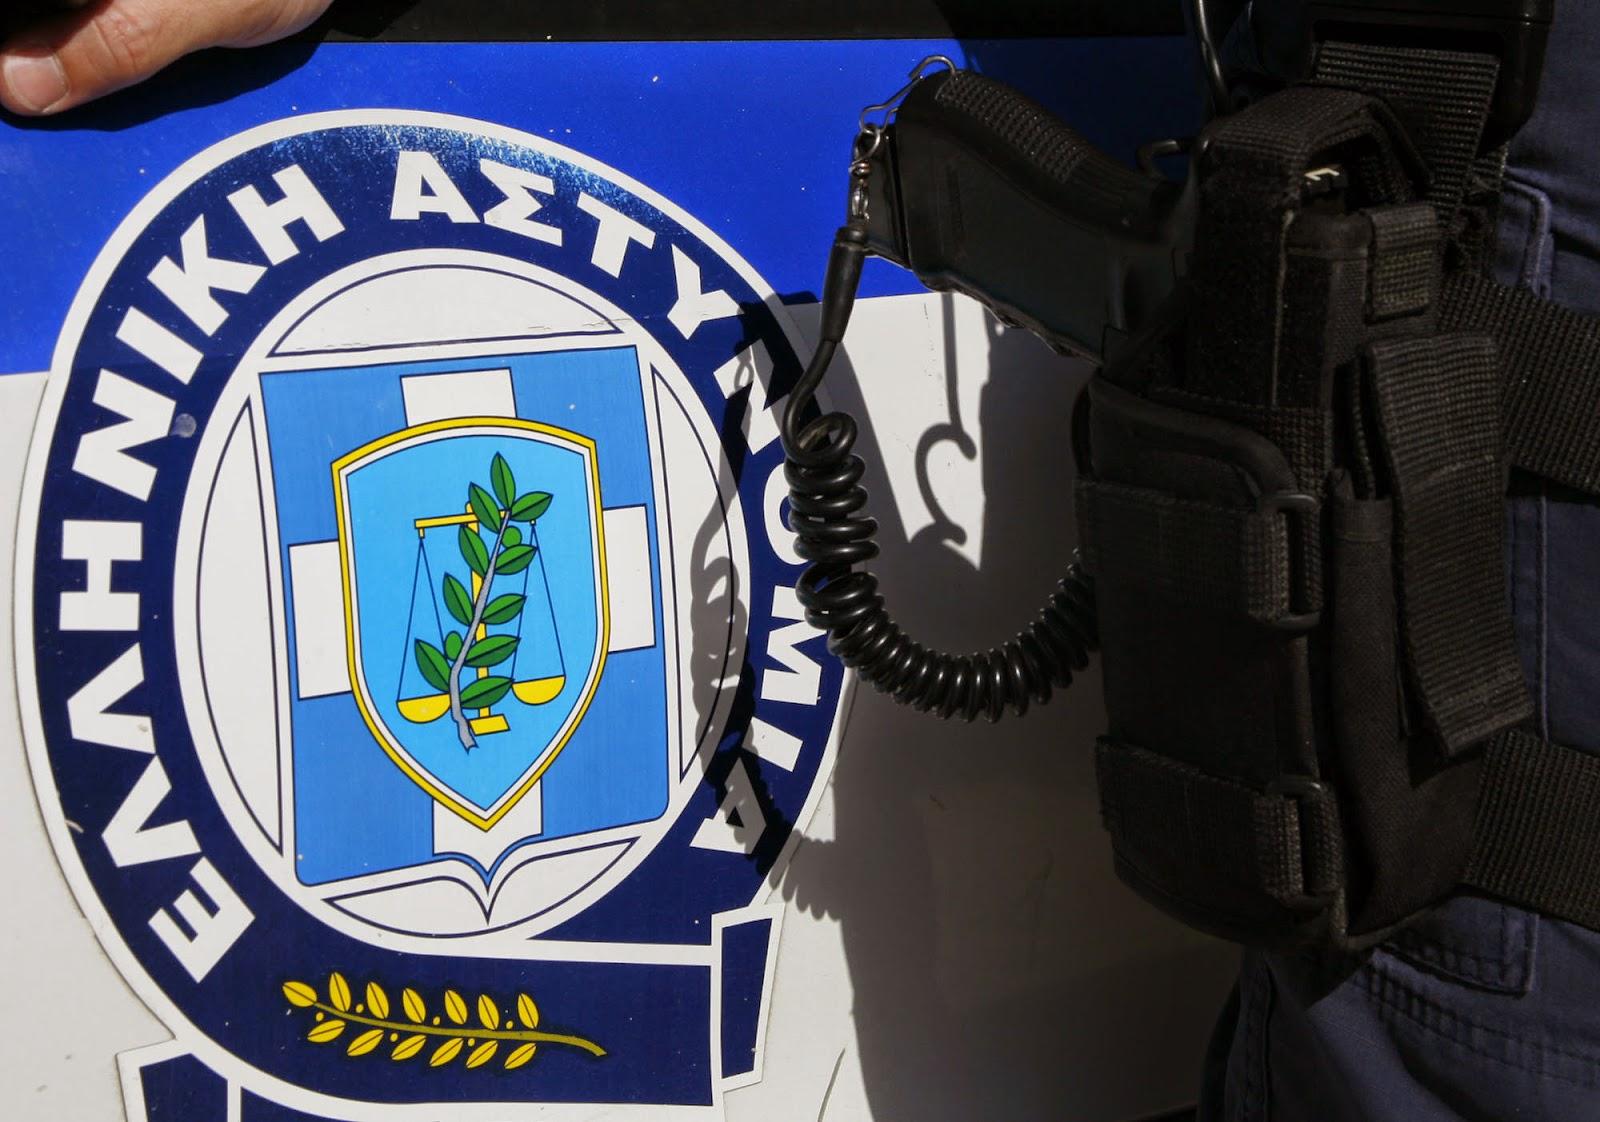 Καταγγελία από τα κρατητήρια γυναικών στην Πέτρου Ράλλη για σεξουαλική κακοποίηση από αστυνομικό